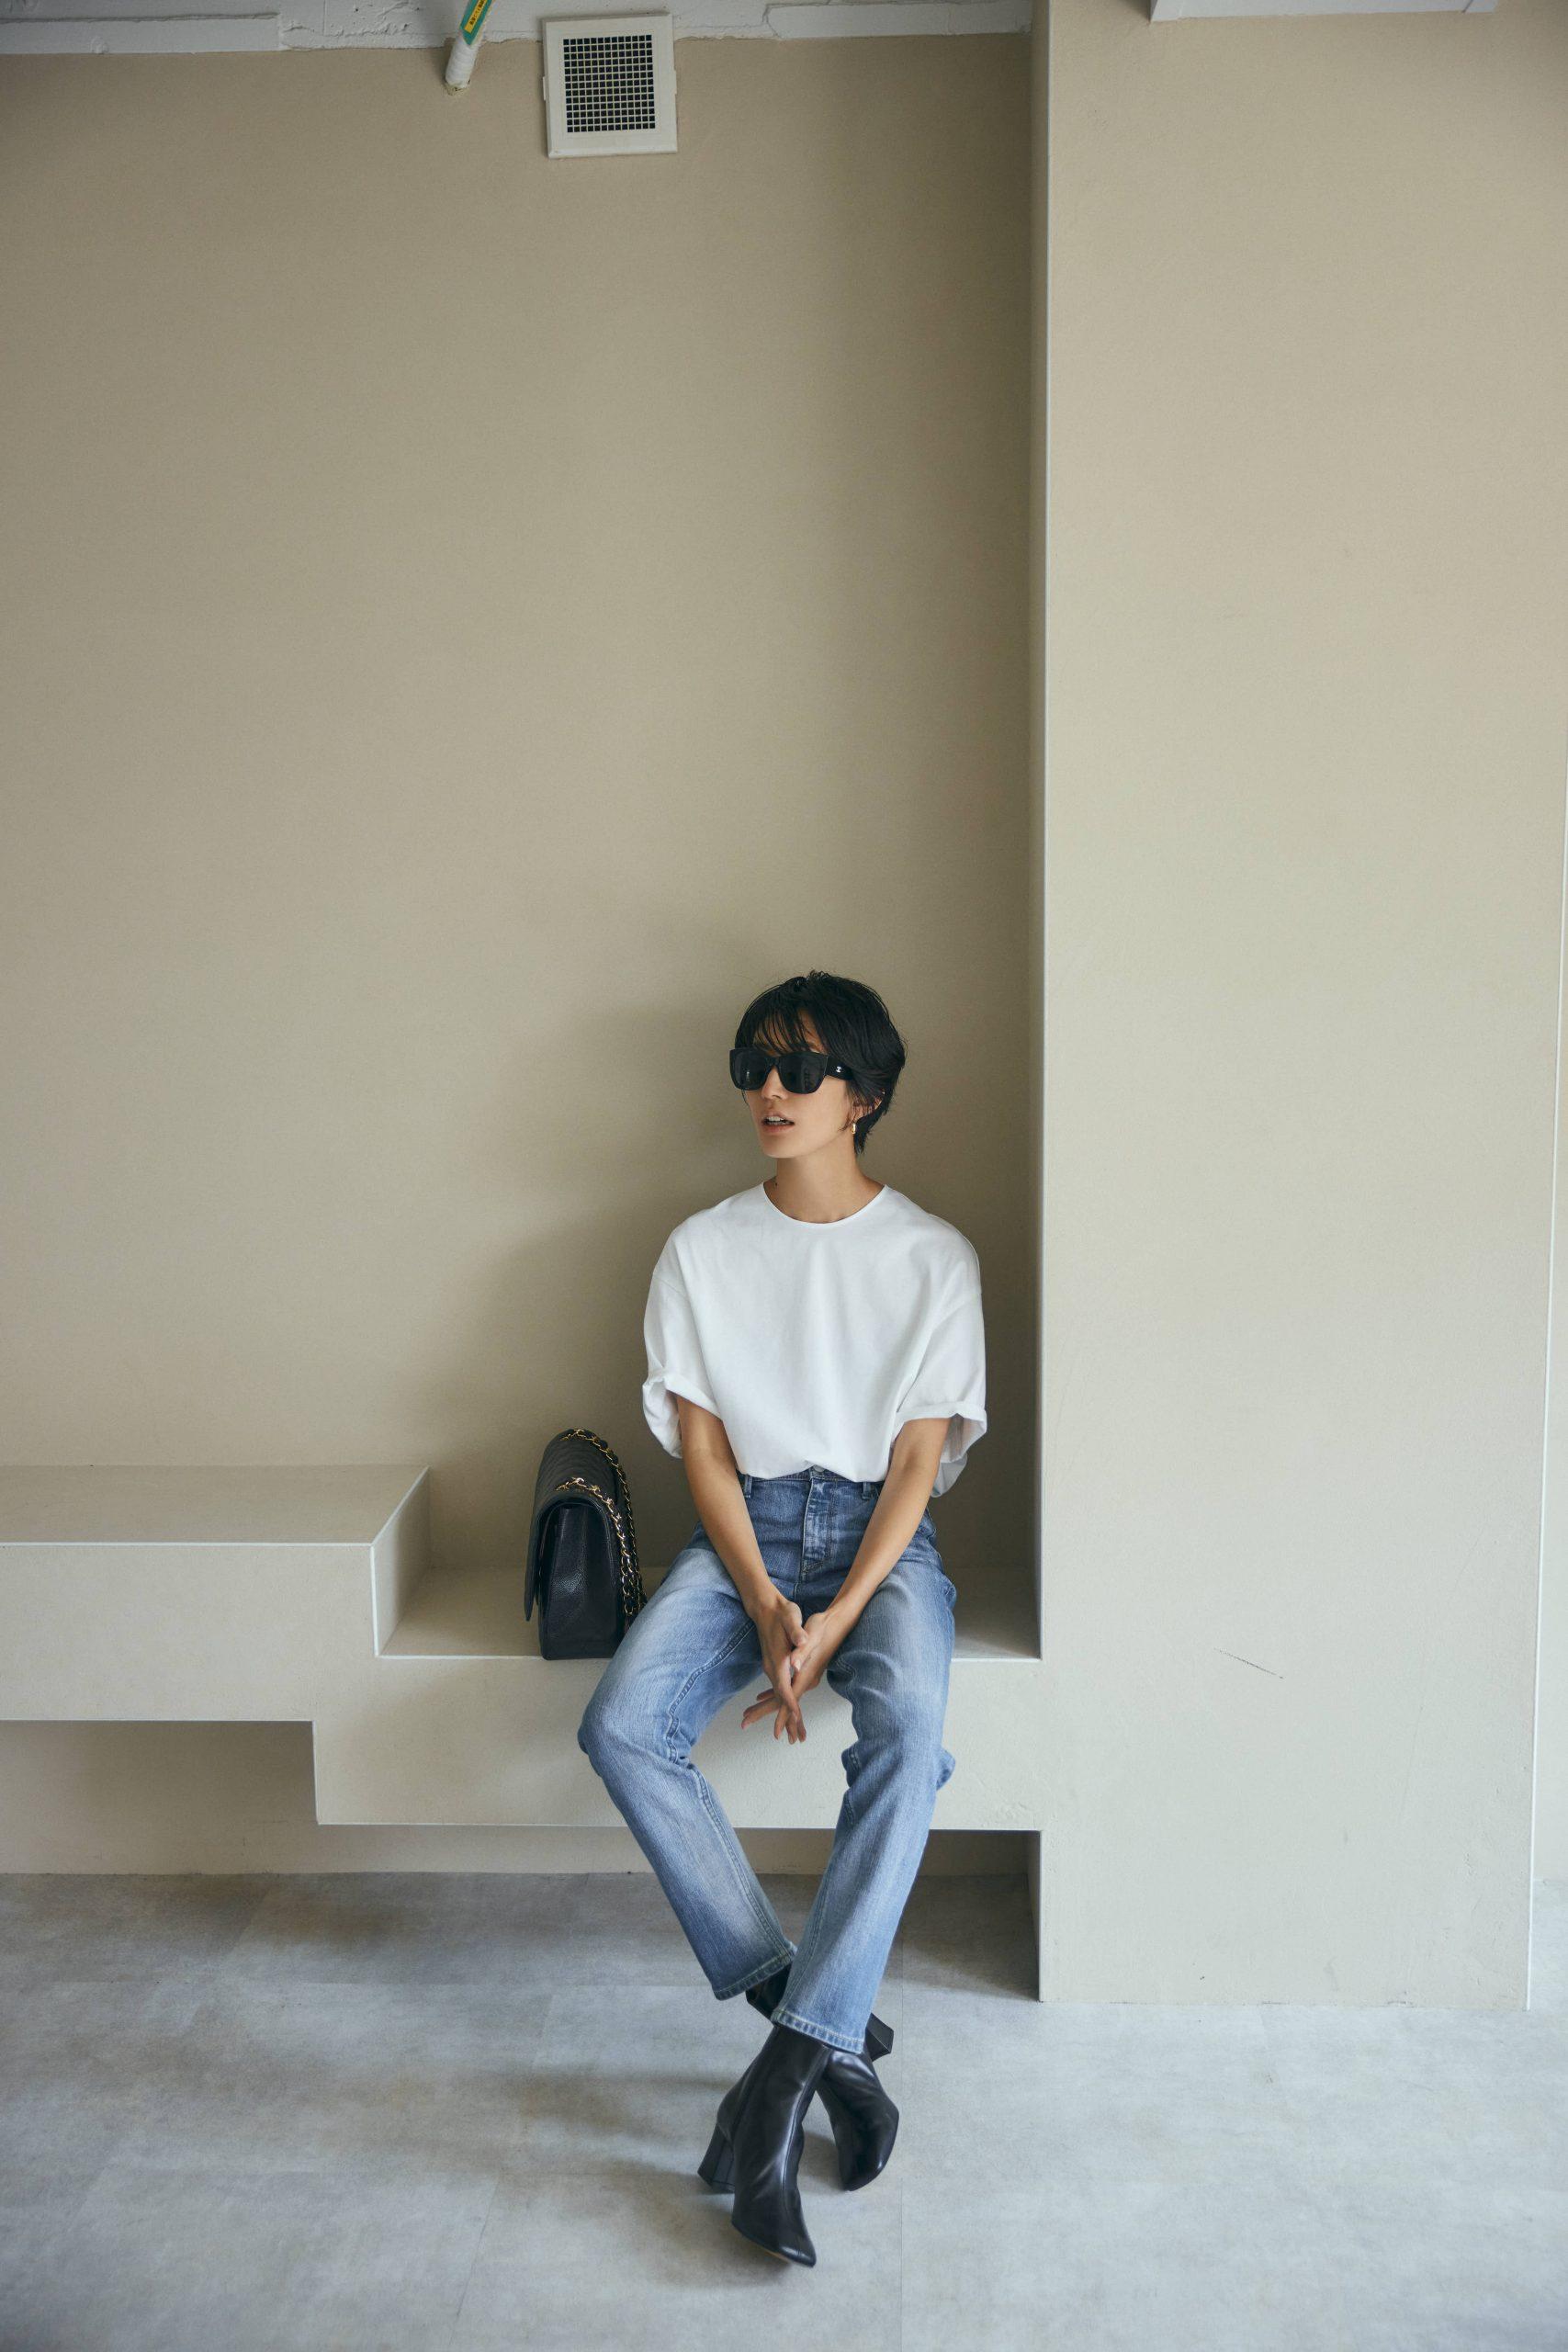 神山まりあ×RIVE DROITE(リヴドロワ)のコラボTシャツを私服のデニムコーデで。白Tシャツ3